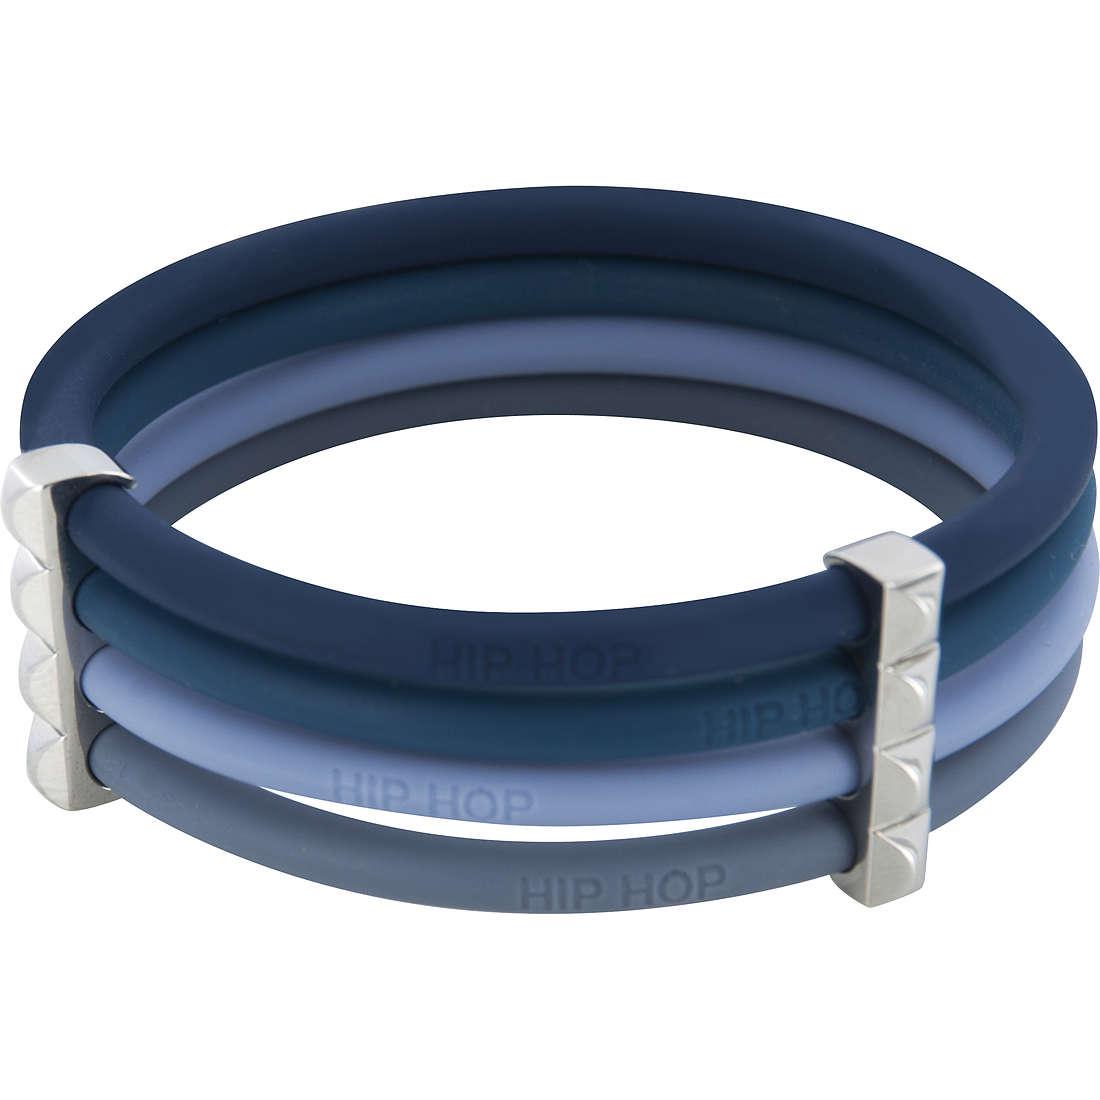 bracelet woman jewellery Hip Hop Happy Loops HJ0052